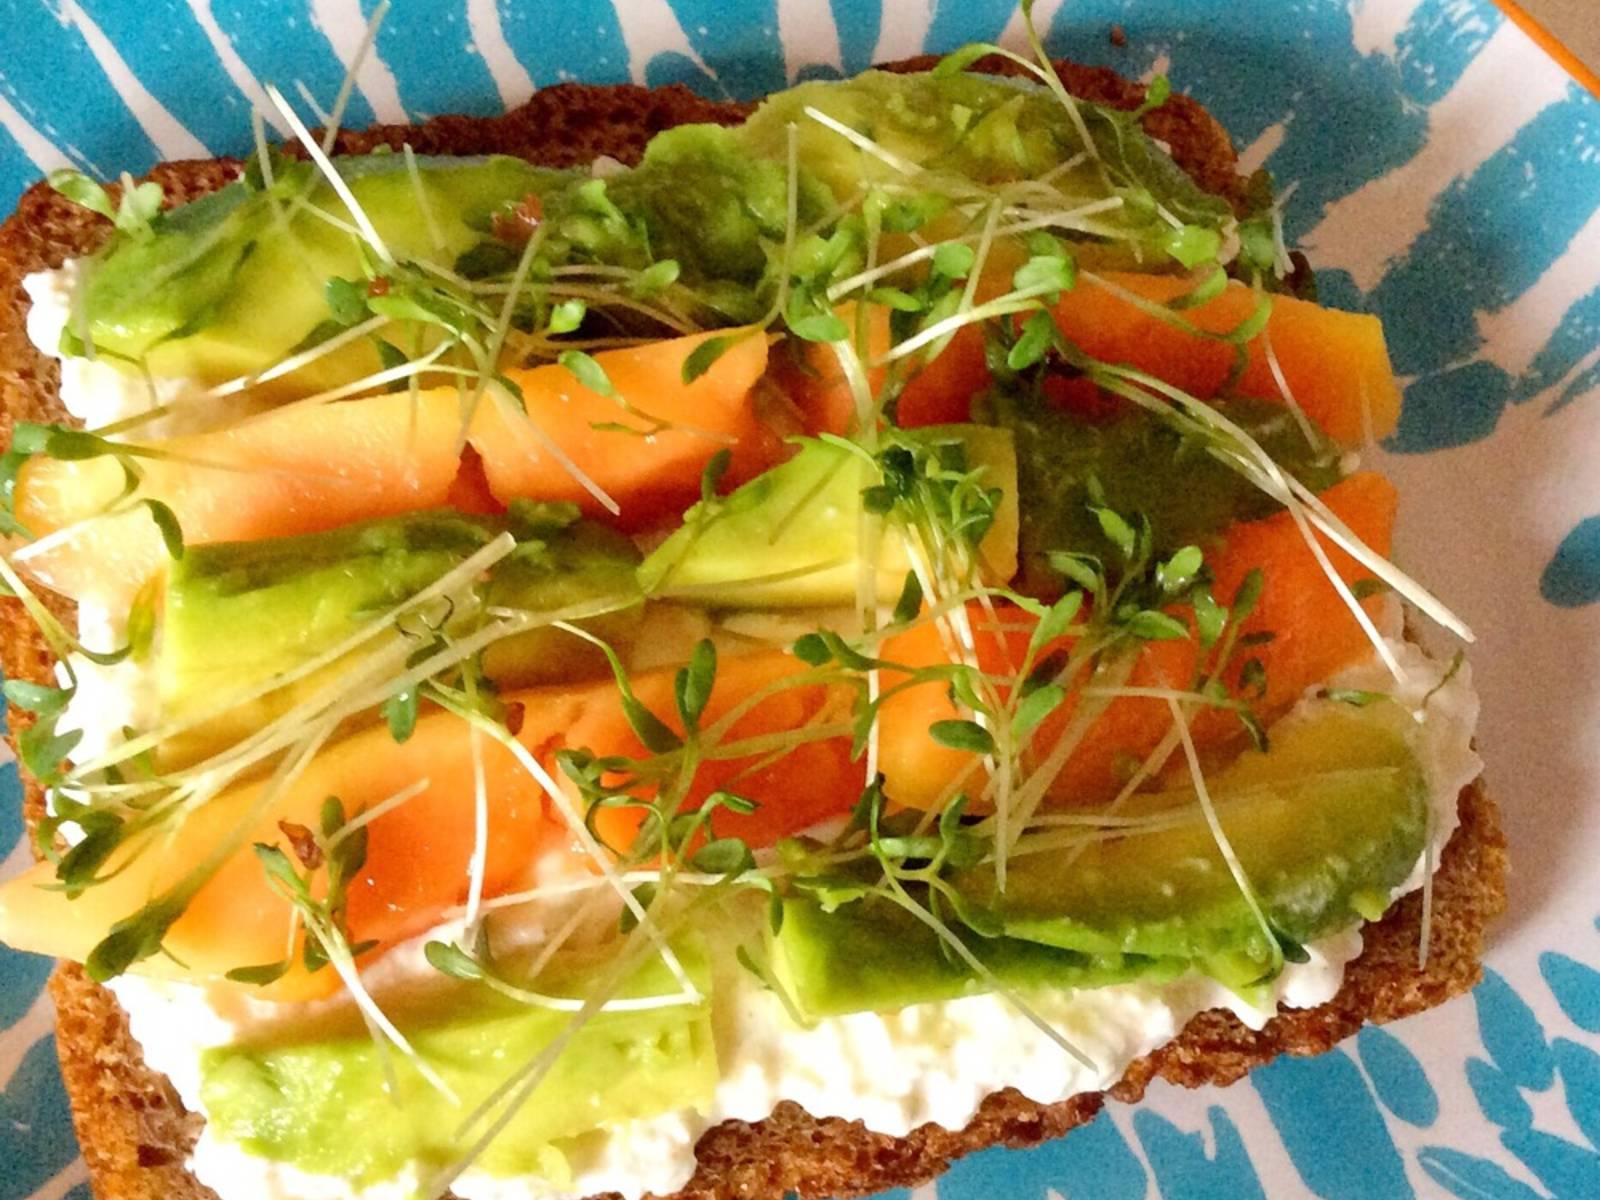 Hüttenkäse auf die getoasteten Brotscheiben streichen, dann im Wechsel Papaya- und Avocado-Streifen darauf verteilen. Zum Schluss mit Kresse bestreuen.